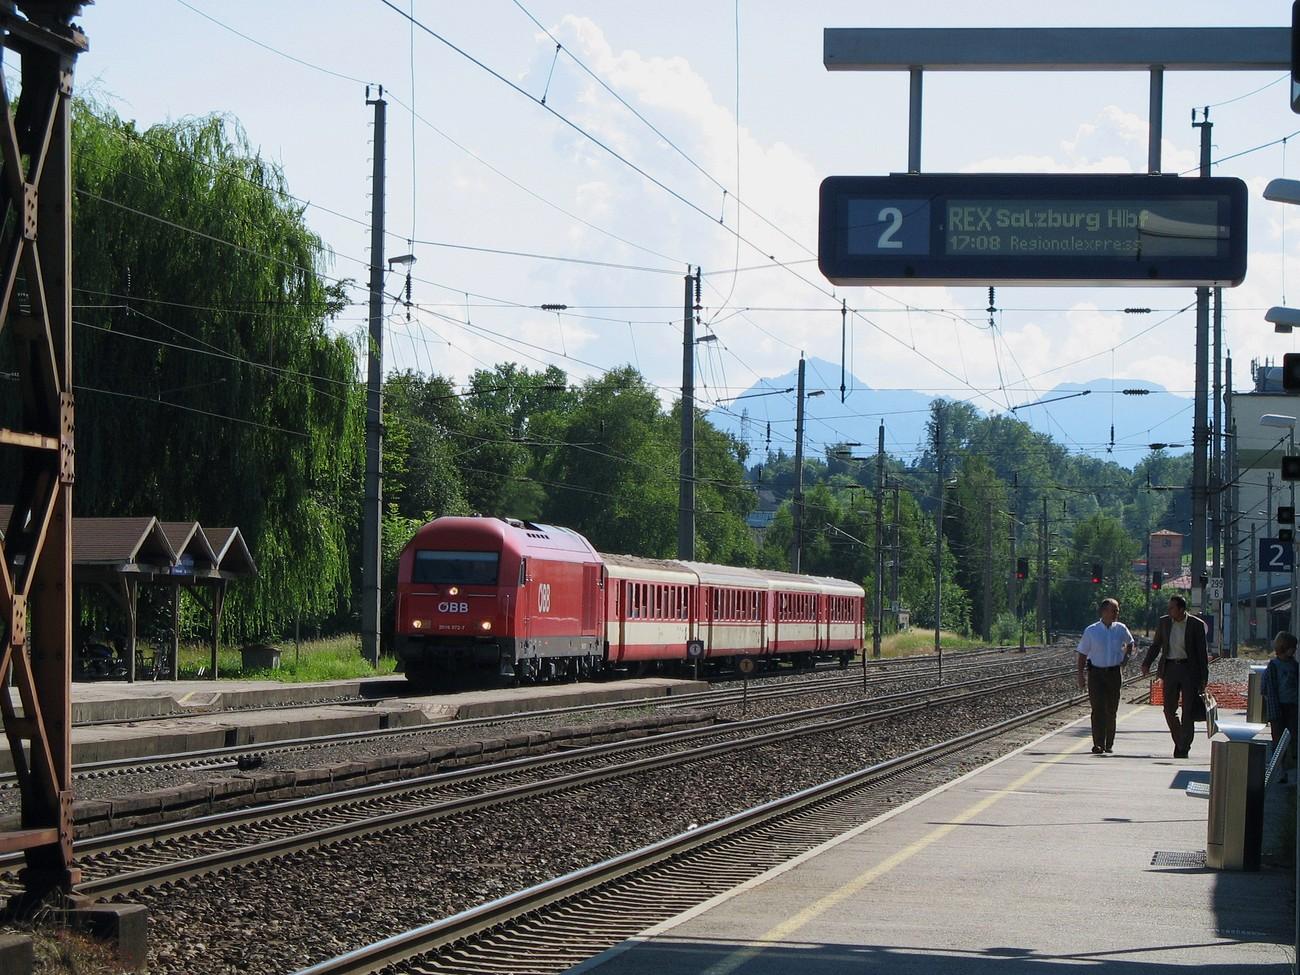 http://www.eisenbahn-im-bild.de/Temp/A_Seekirchen_IMG_3859.jpg